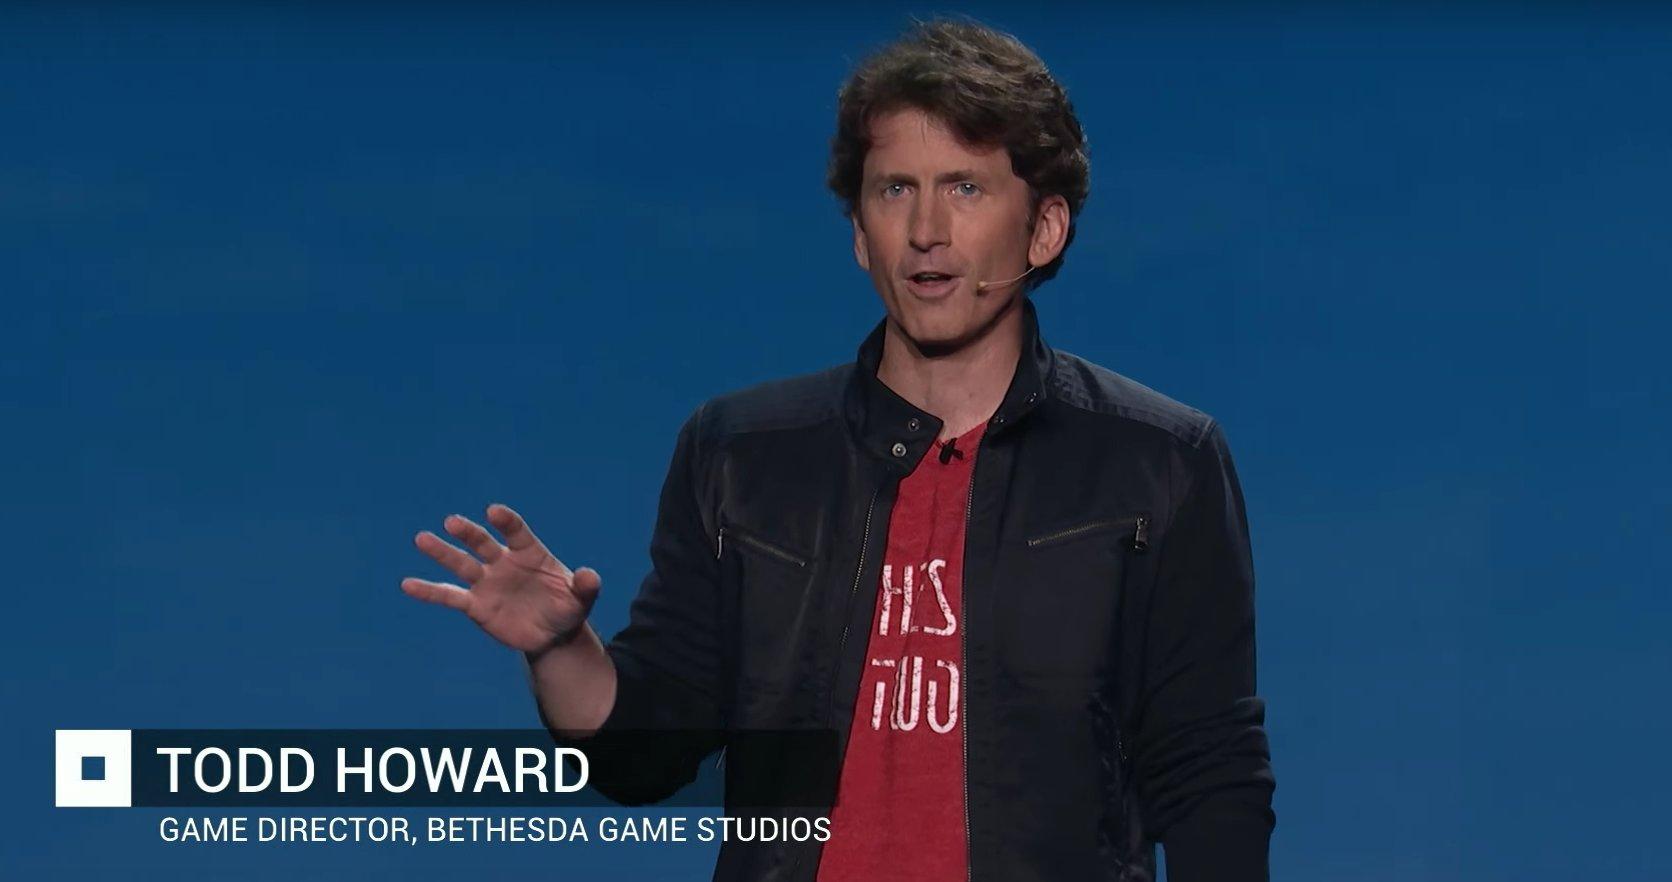 تام هاوارد، در حال ارائه Fallout 4 برای اولین بار درمراسم E3 در لس آنلس کالیفرنیا